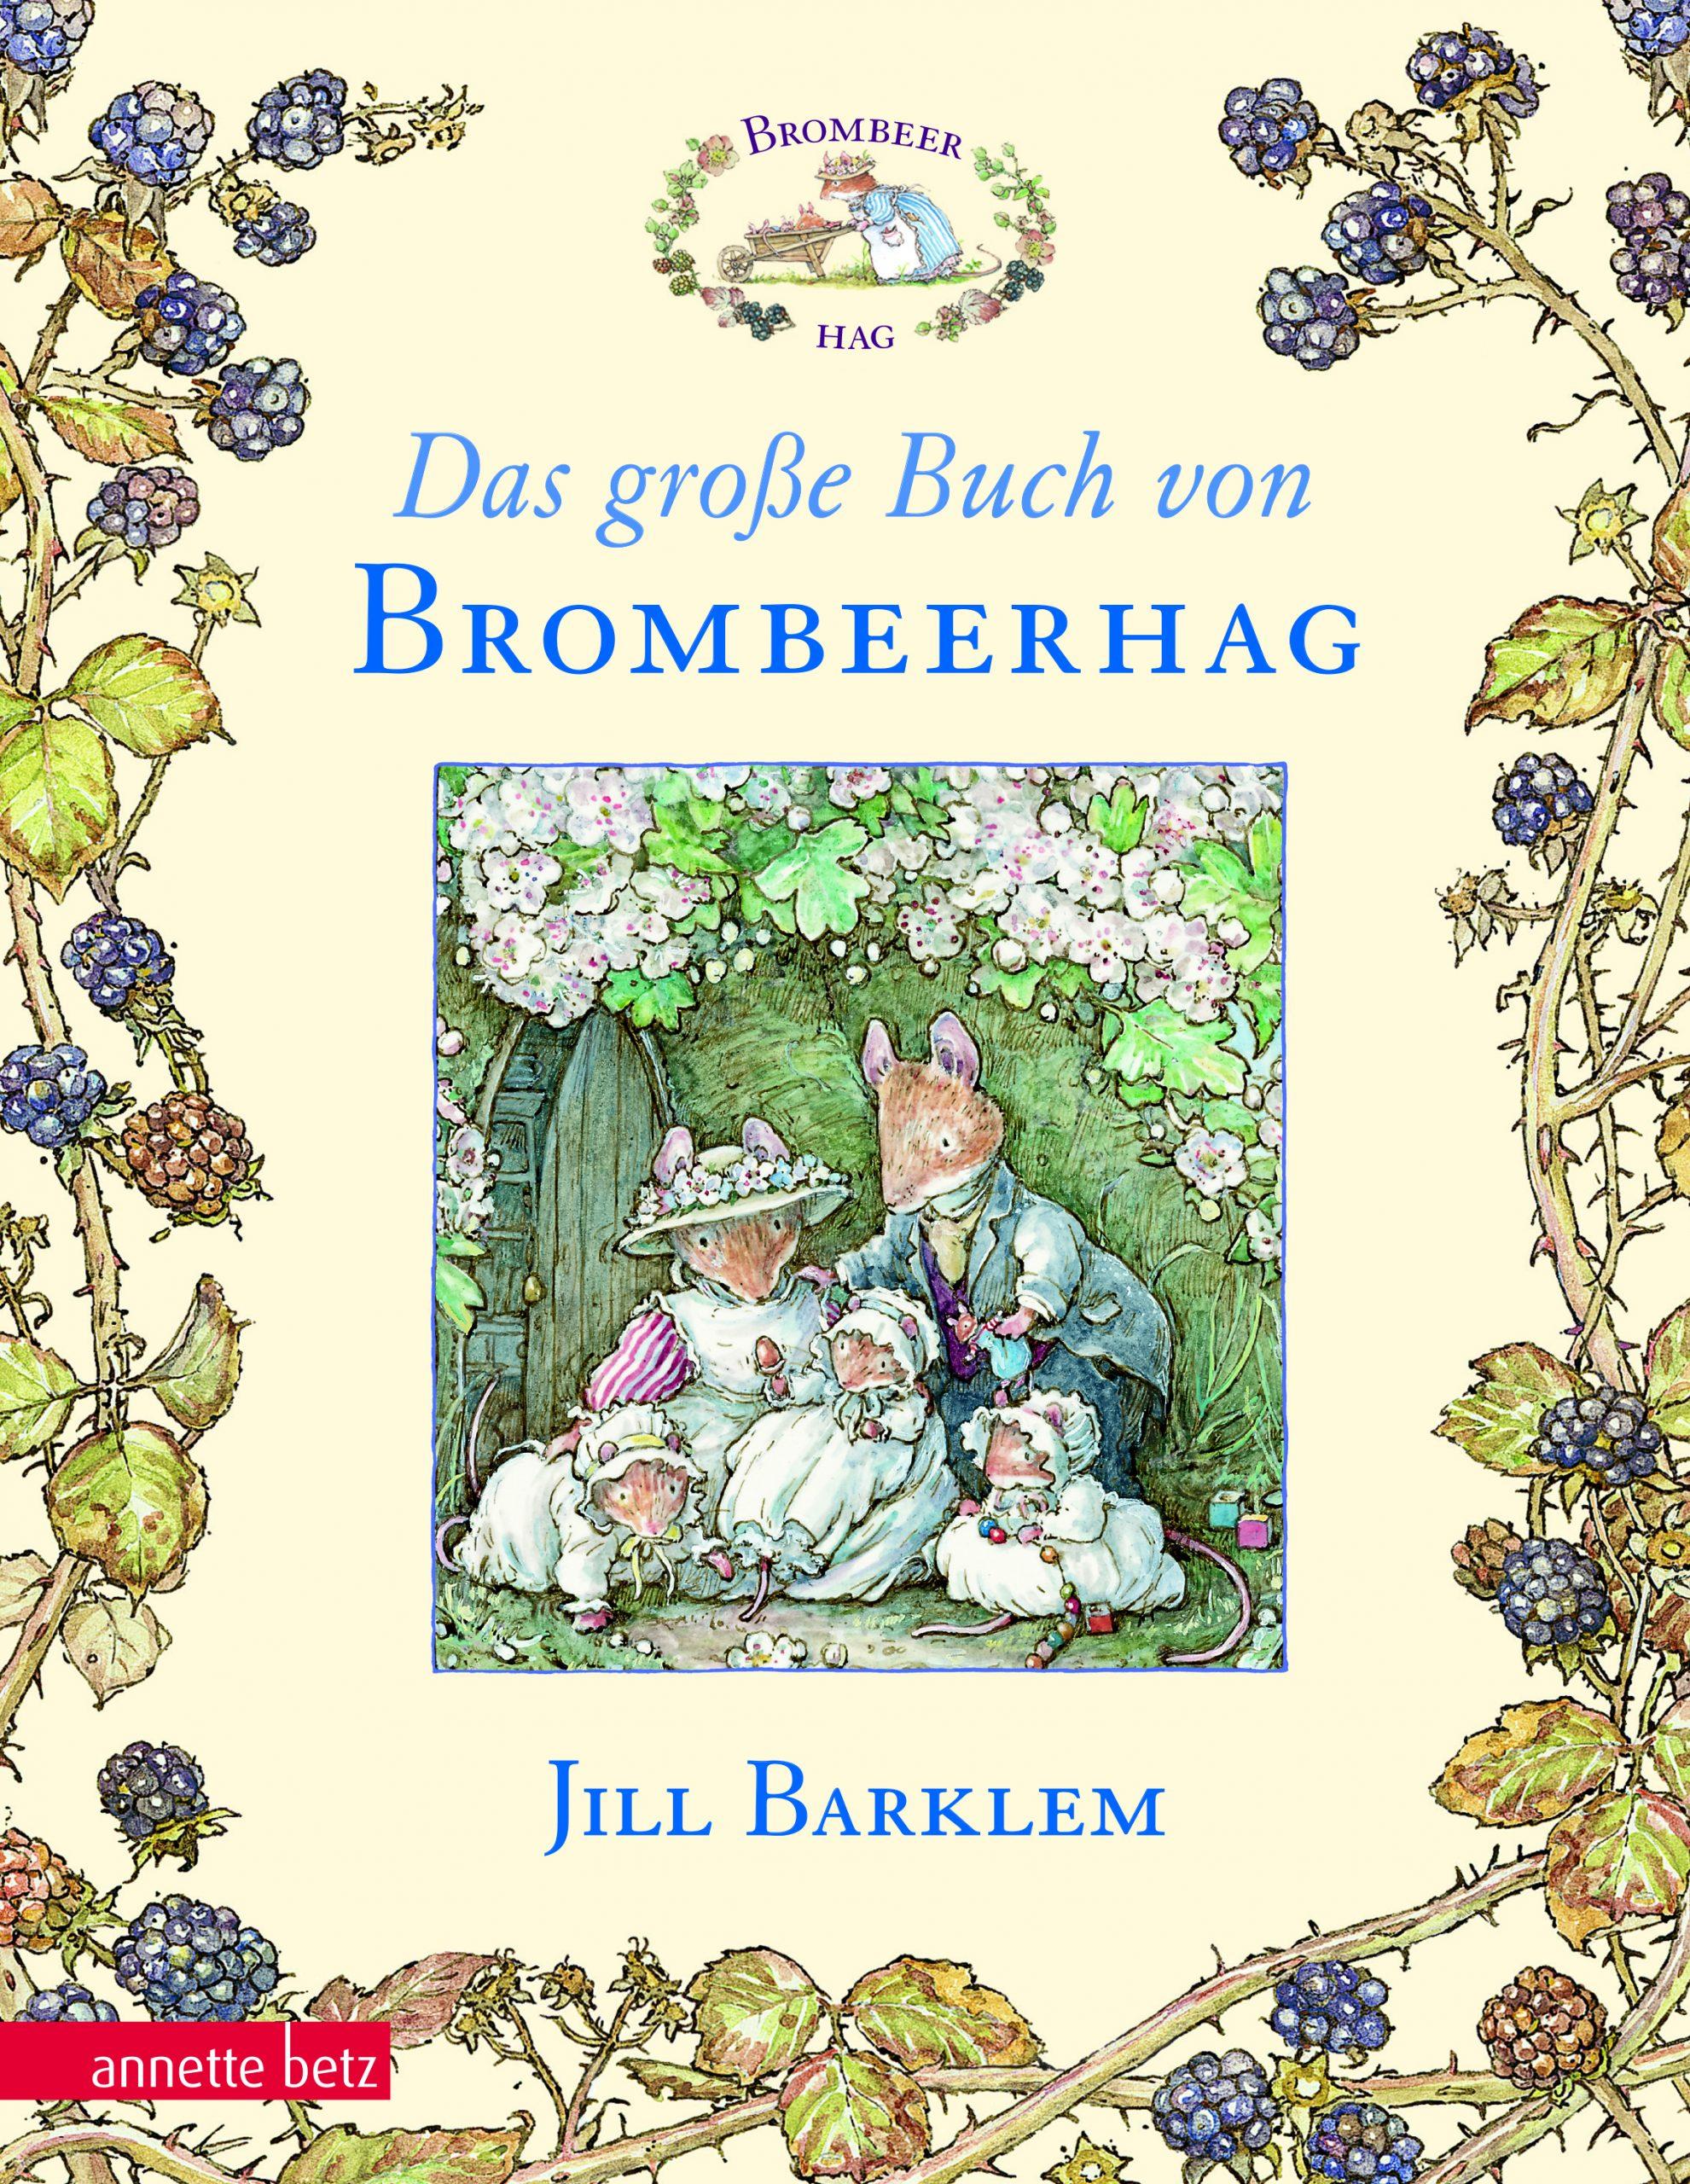 Jill Barklem, Mäuse, vorlesen, Klassiker, Jahreszeiten, Vorlesebuch, Mäuse, Interview, Eric Mayer, Lieblingsbuch